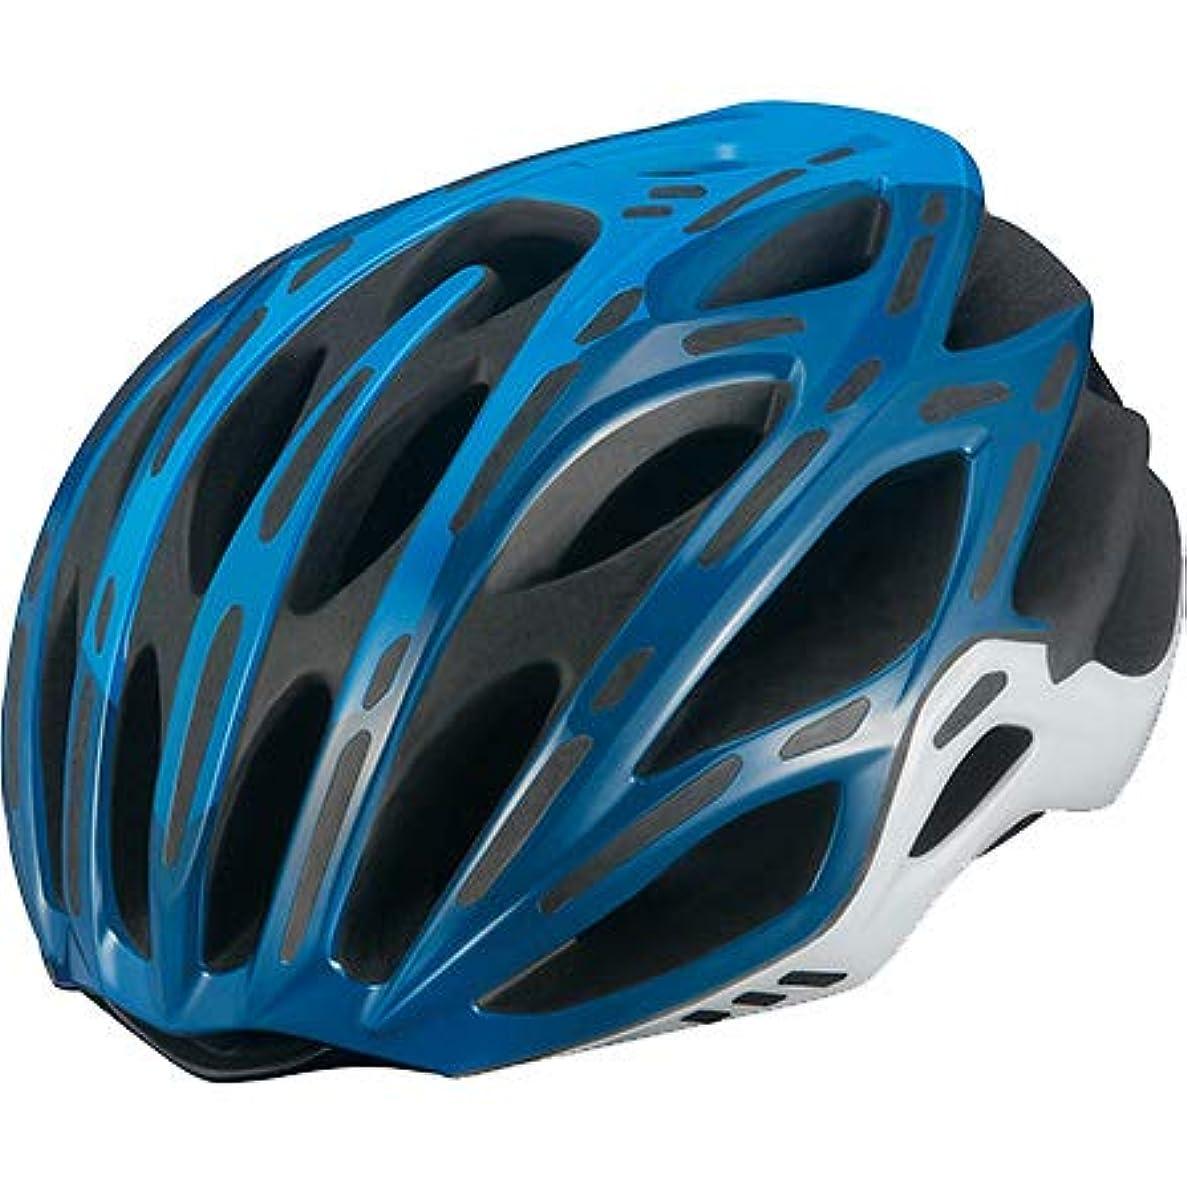 枯渇受け皿キャンドルOGK KABUTO(オージーケーカブト) ヘルメット FLAIR(フレアー) カラー:G-1ネイビーブルー サイズ:L/XL(頭囲 59cm-61cm) FLAIR